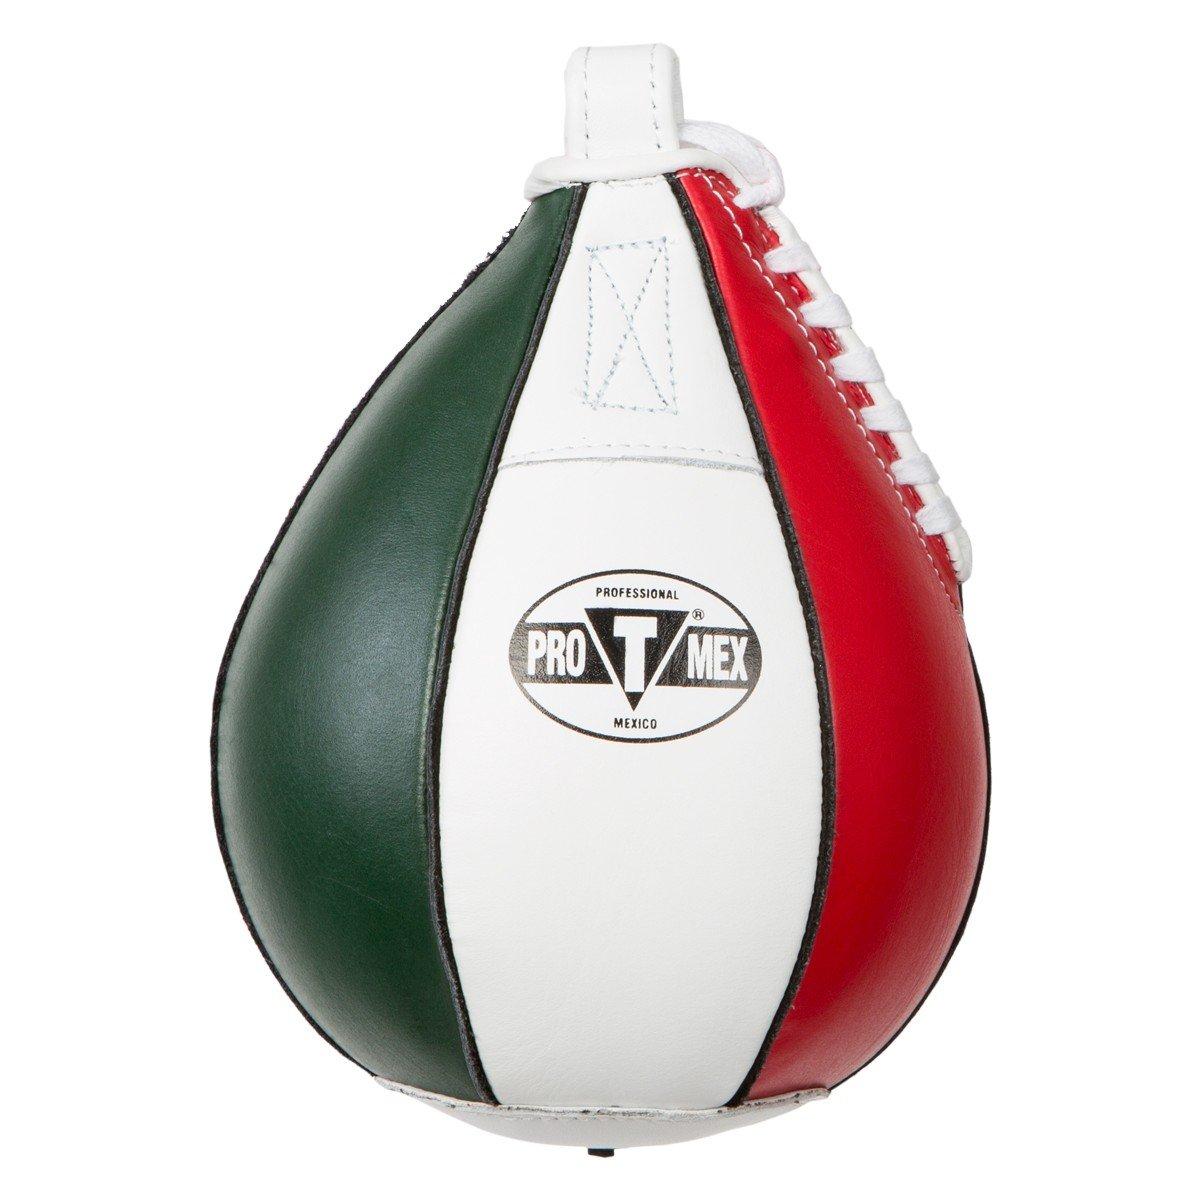 pro-mex Victoriaスピードバッグ Green/White/Red 6\ Green/White/Red pro-mex B01BU98DX0 B01BU98DX0, 白山町:2137d5e9 --- capela.dominiotemporario.com